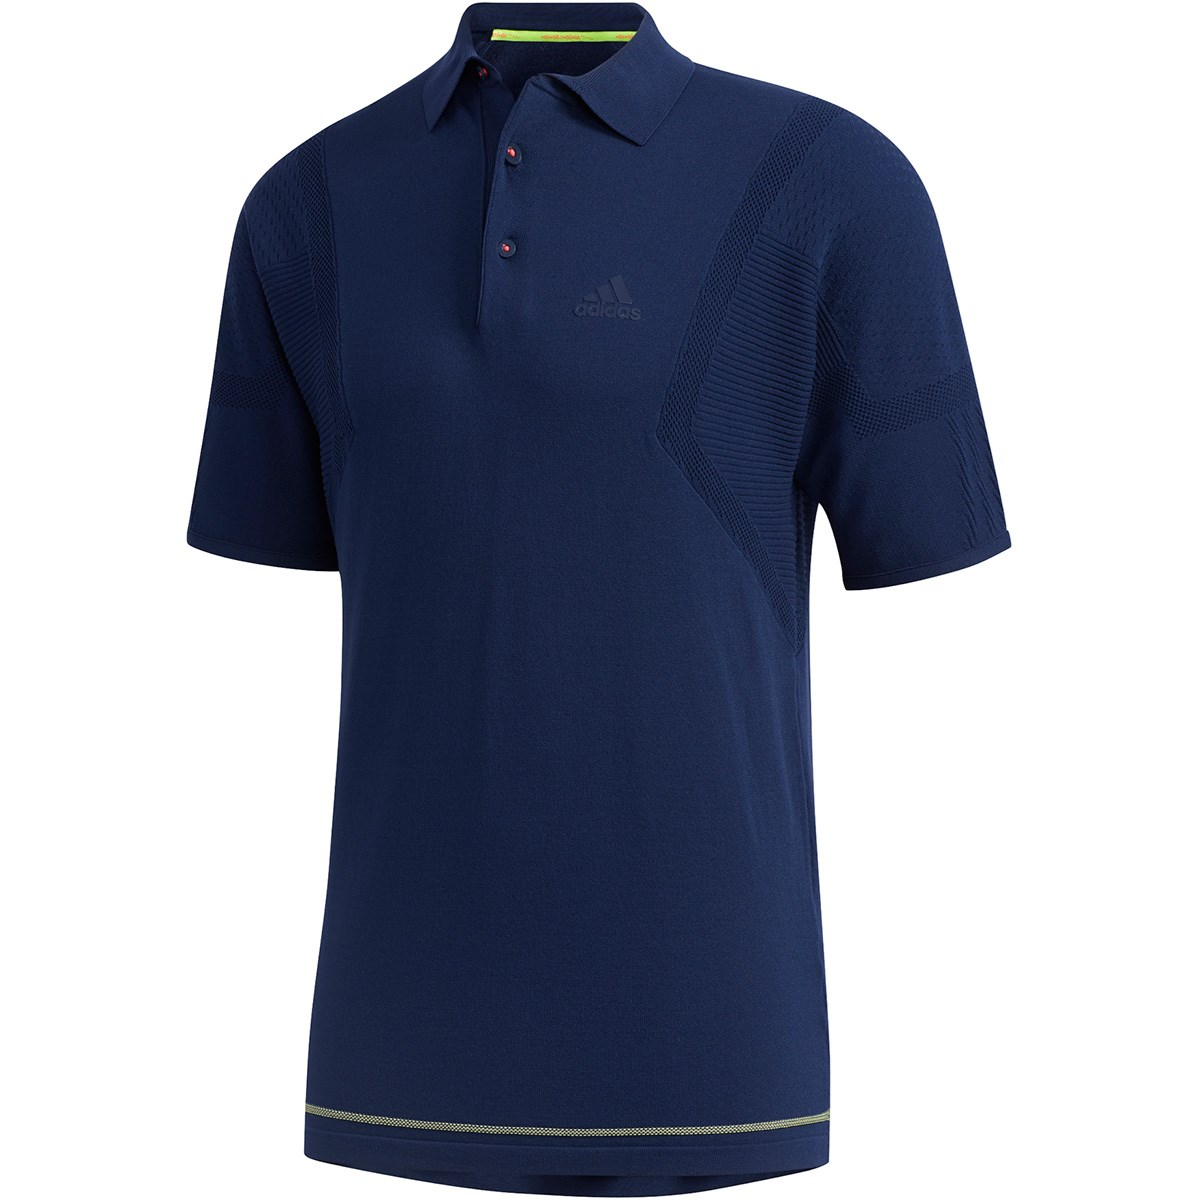 アディダス(adidas) ジャカードパターン 半袖ニットポロシャツ